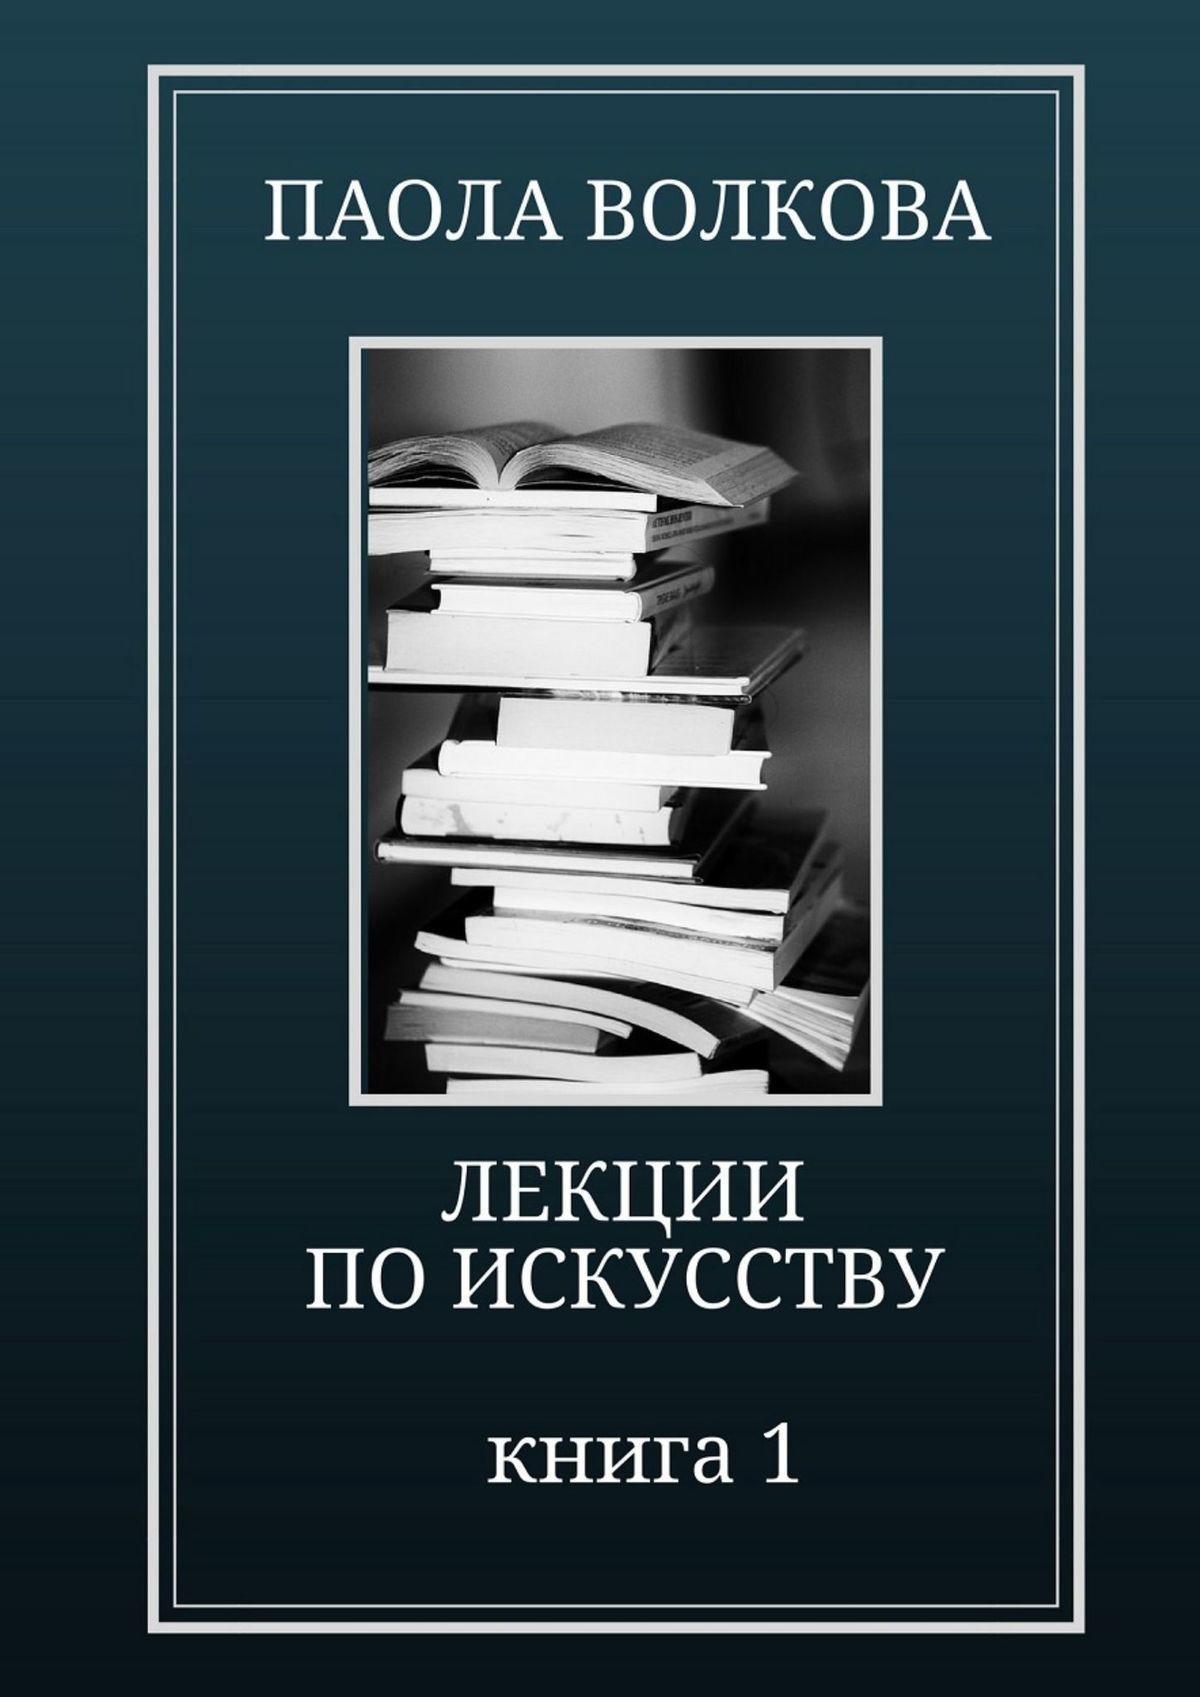 Паола Волкова - Лекции по искусству. Книга 1